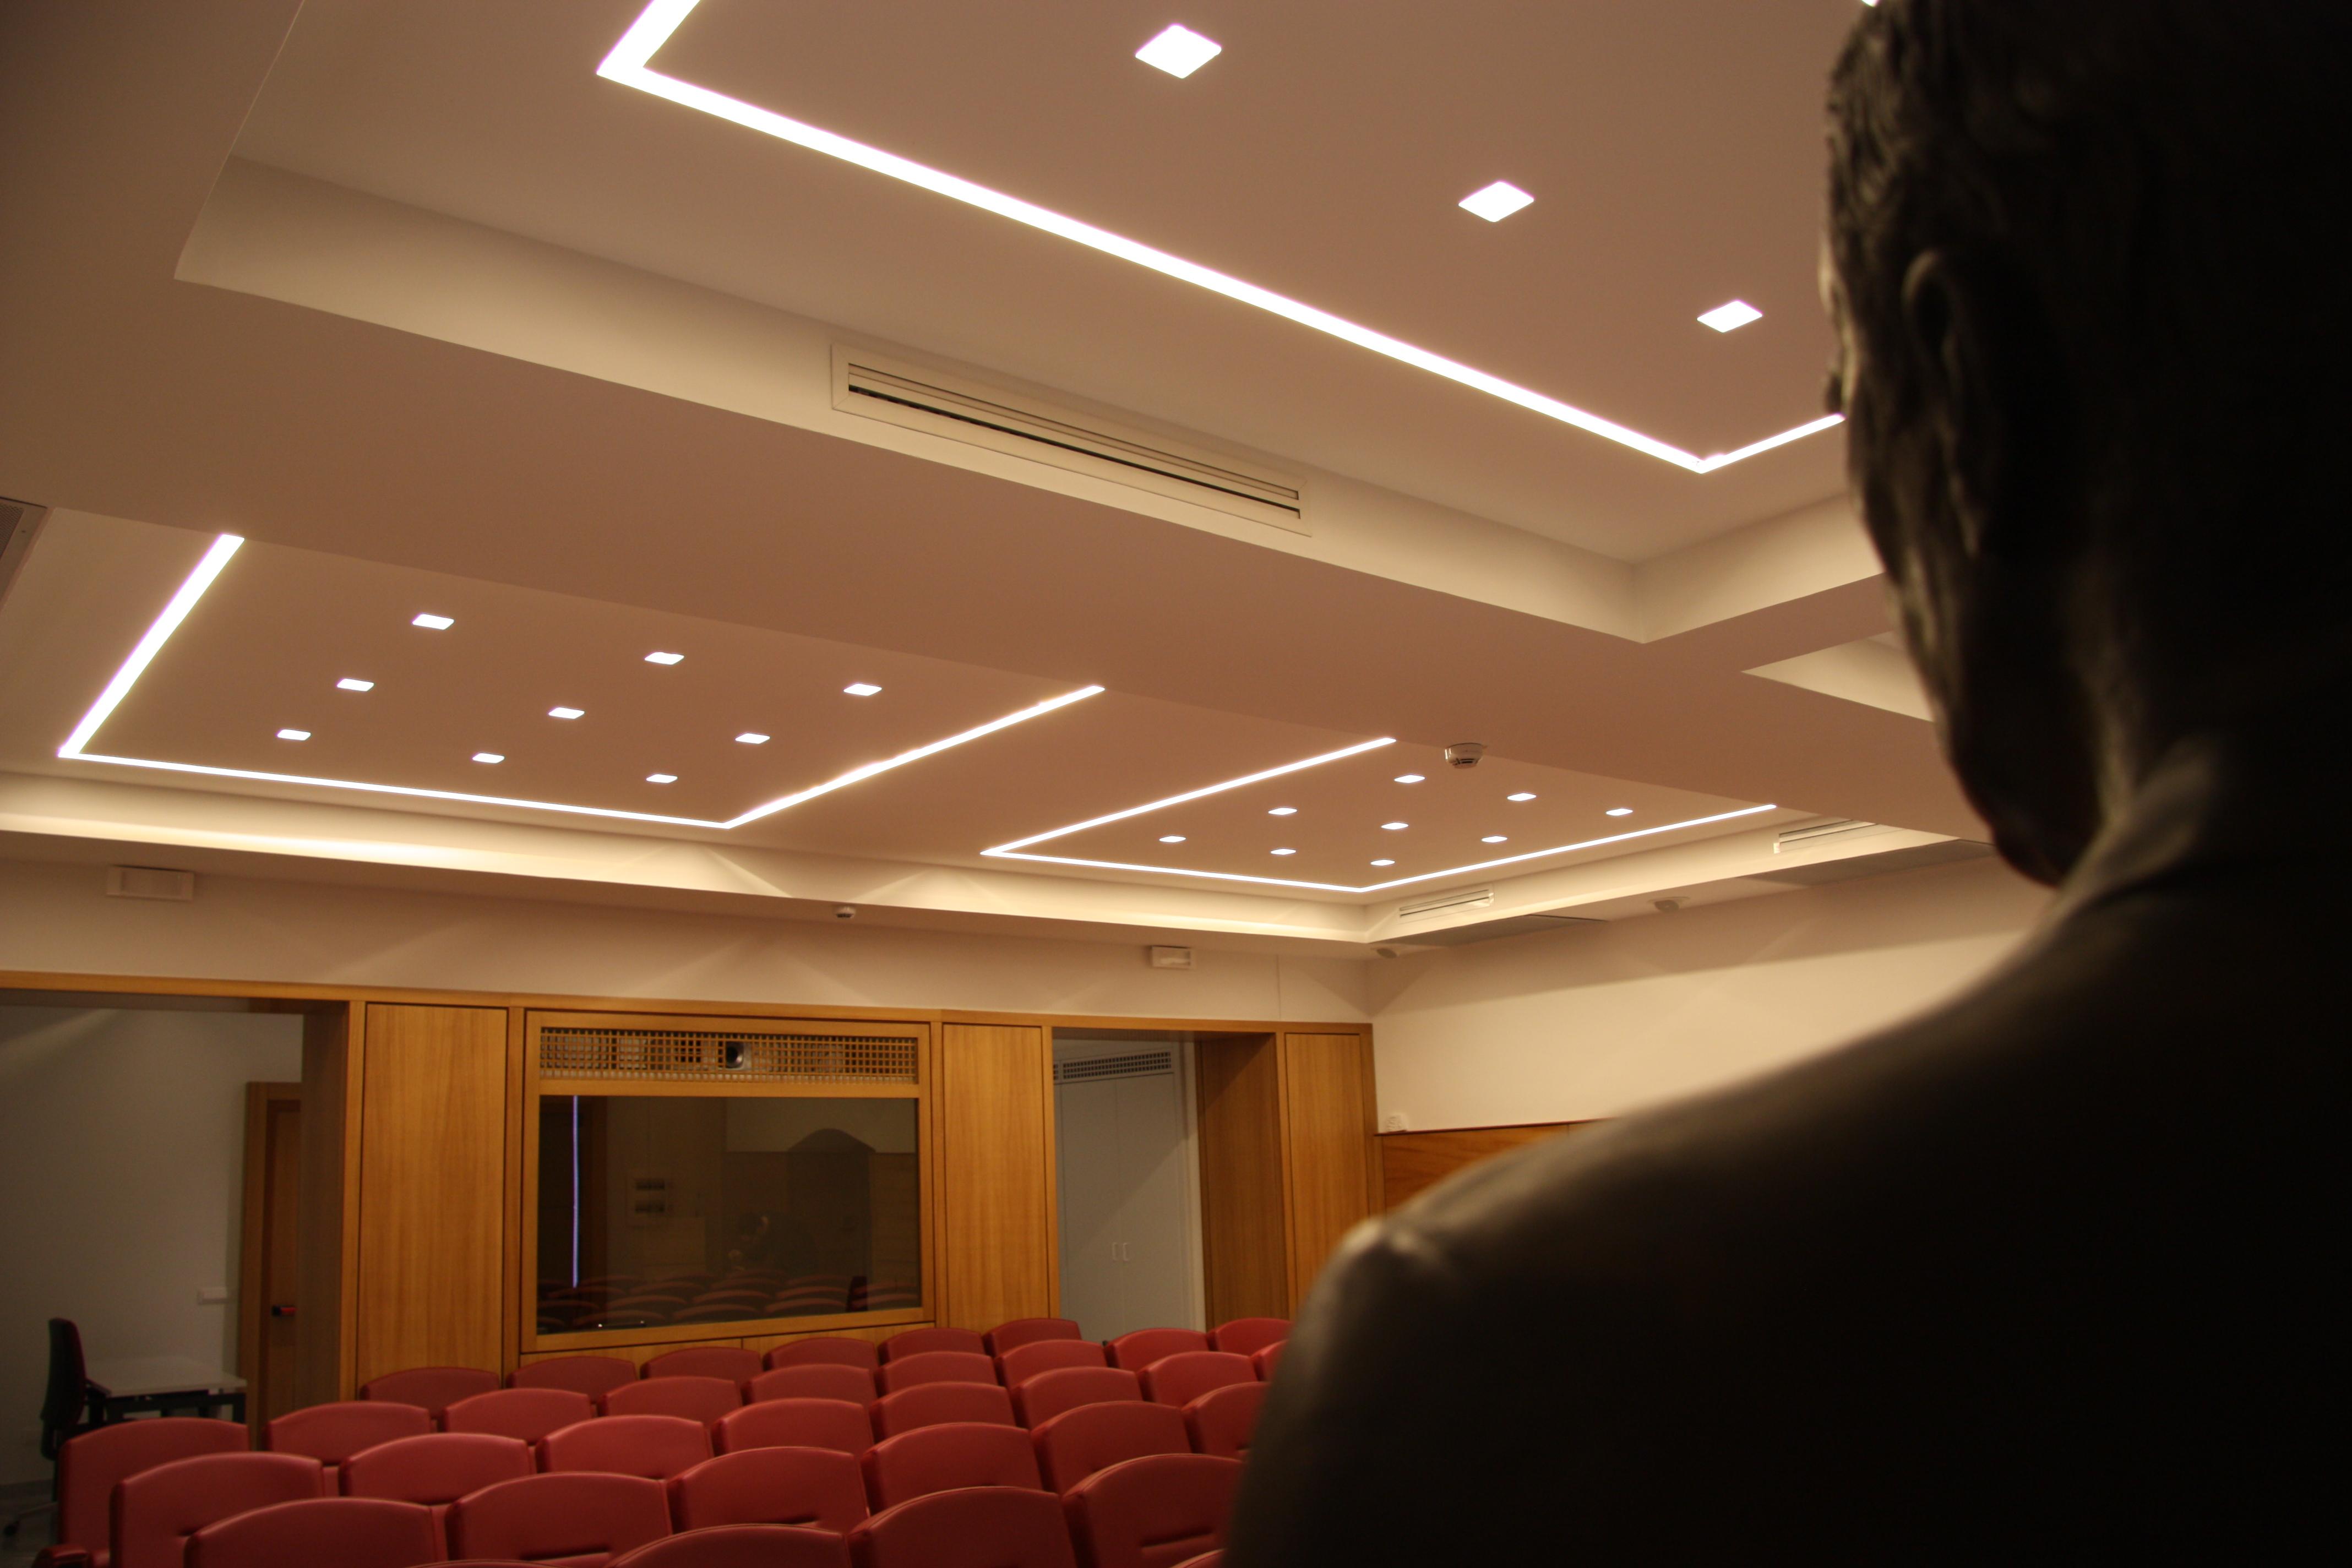 Nobile illuminazione 9108 nobile sistemi di illuminazione for Sistemi di illuminazione